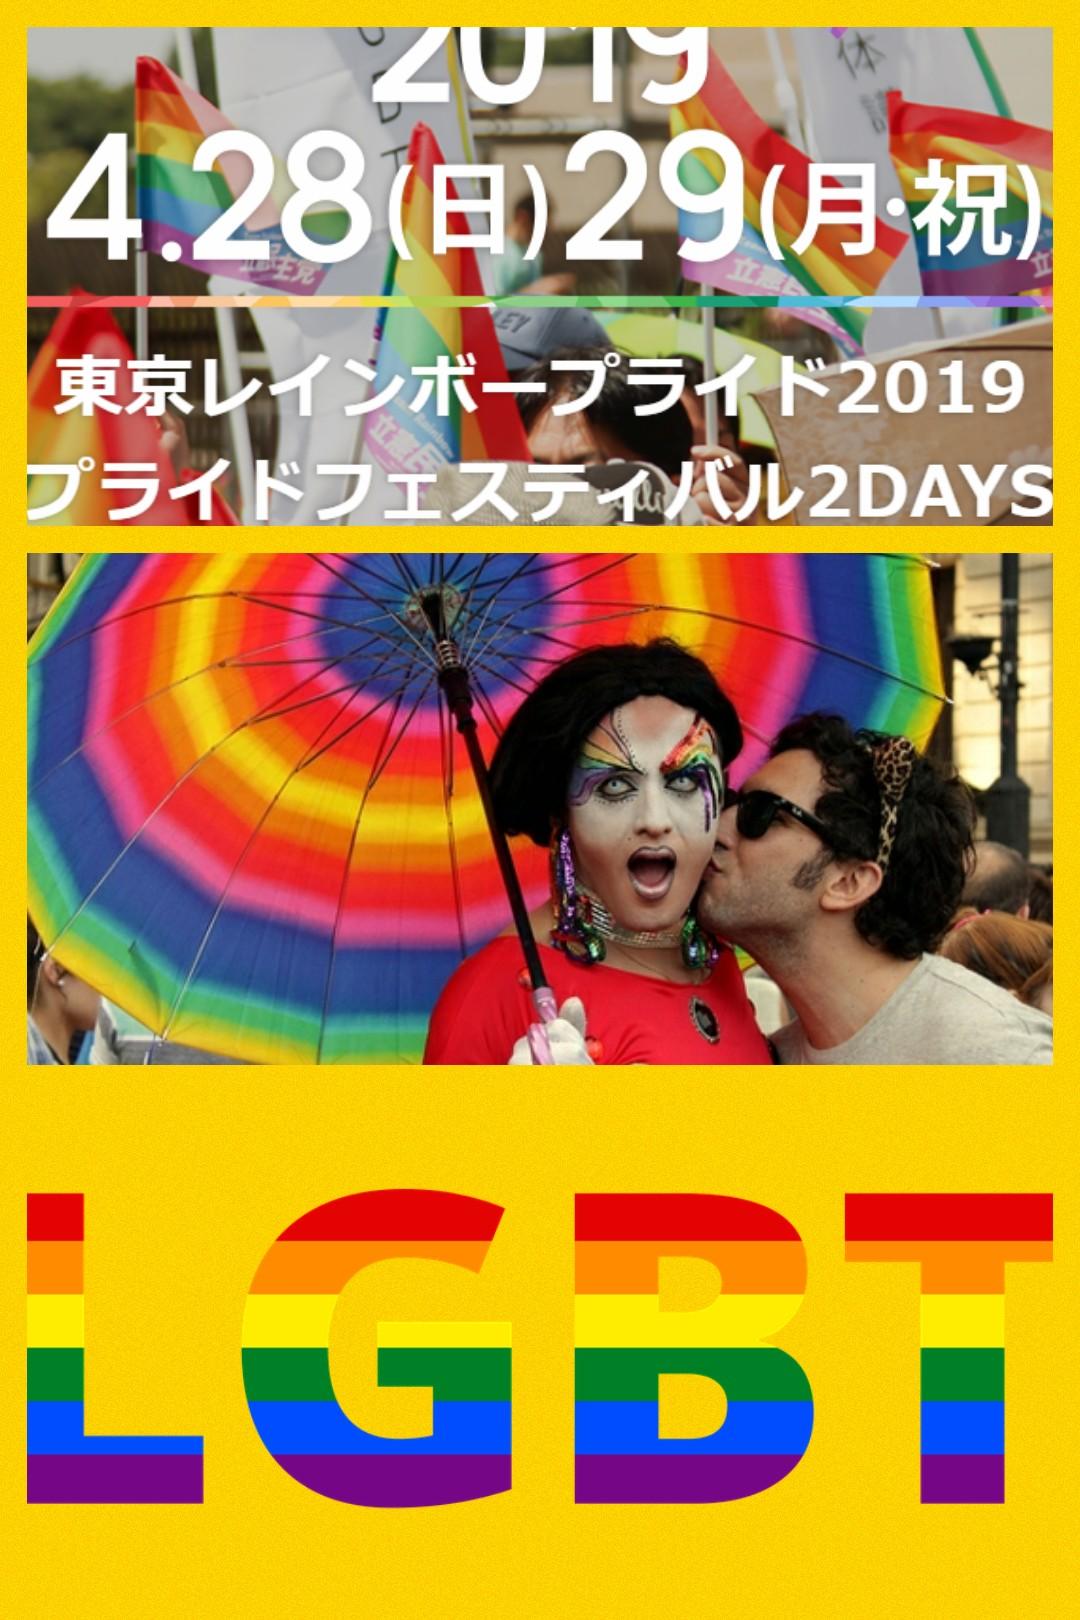 東京レインボーフェスティバル LGBT 三菱